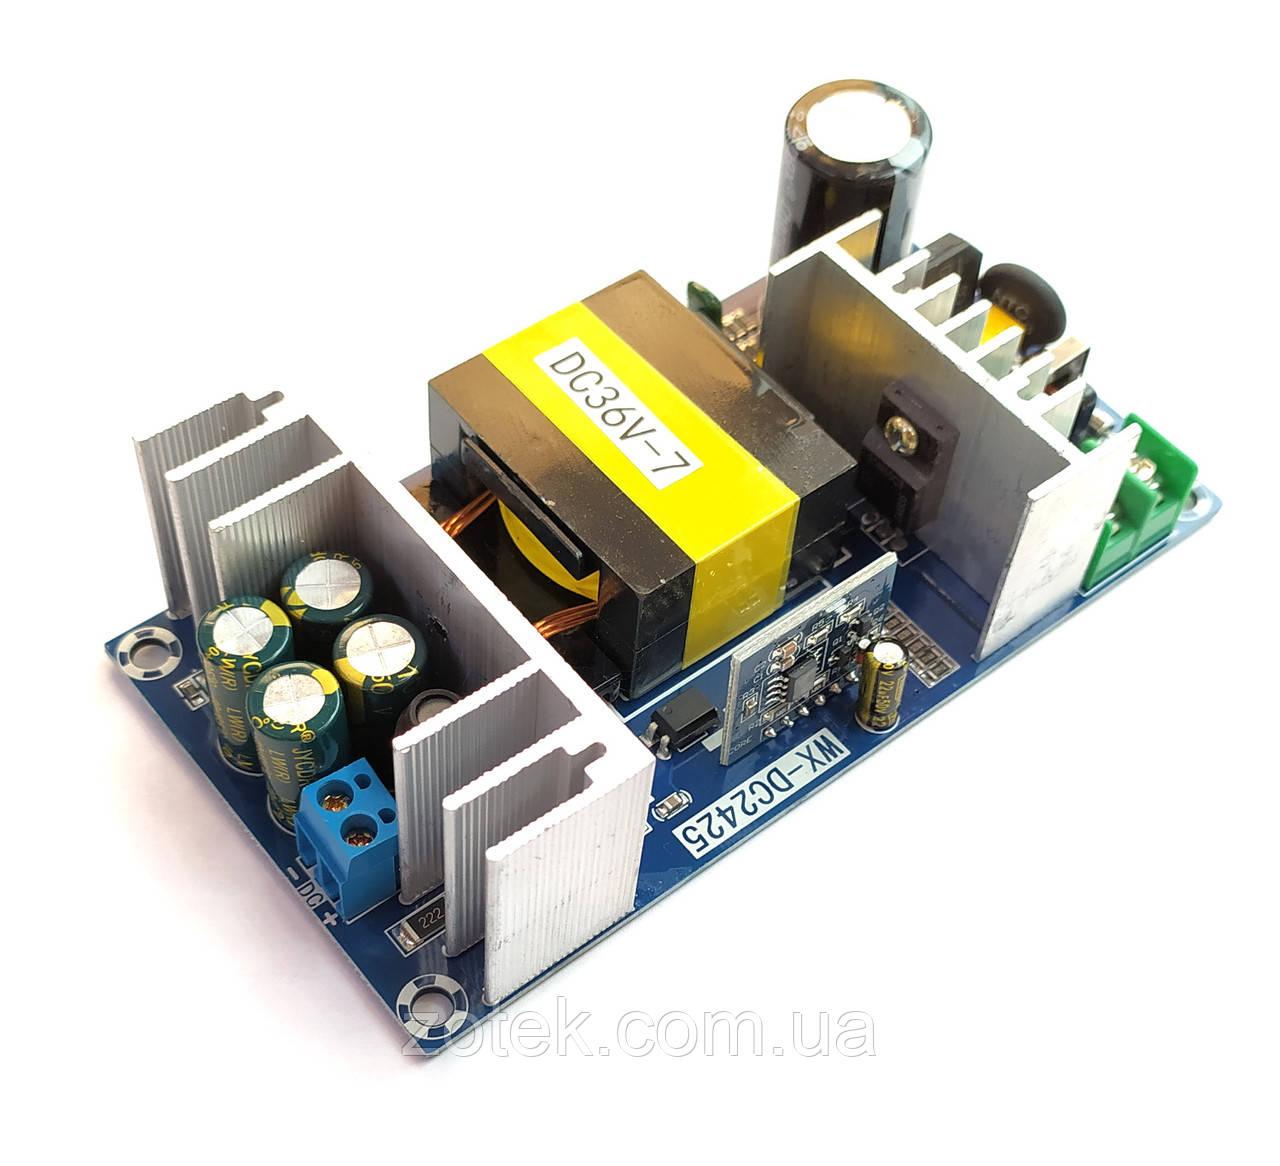 Microchip 36 Вольт 7-9 Ампер 250 Вт Імпульсний блок живлення AC-DC 36V 7A 250W WX-DC2425-36